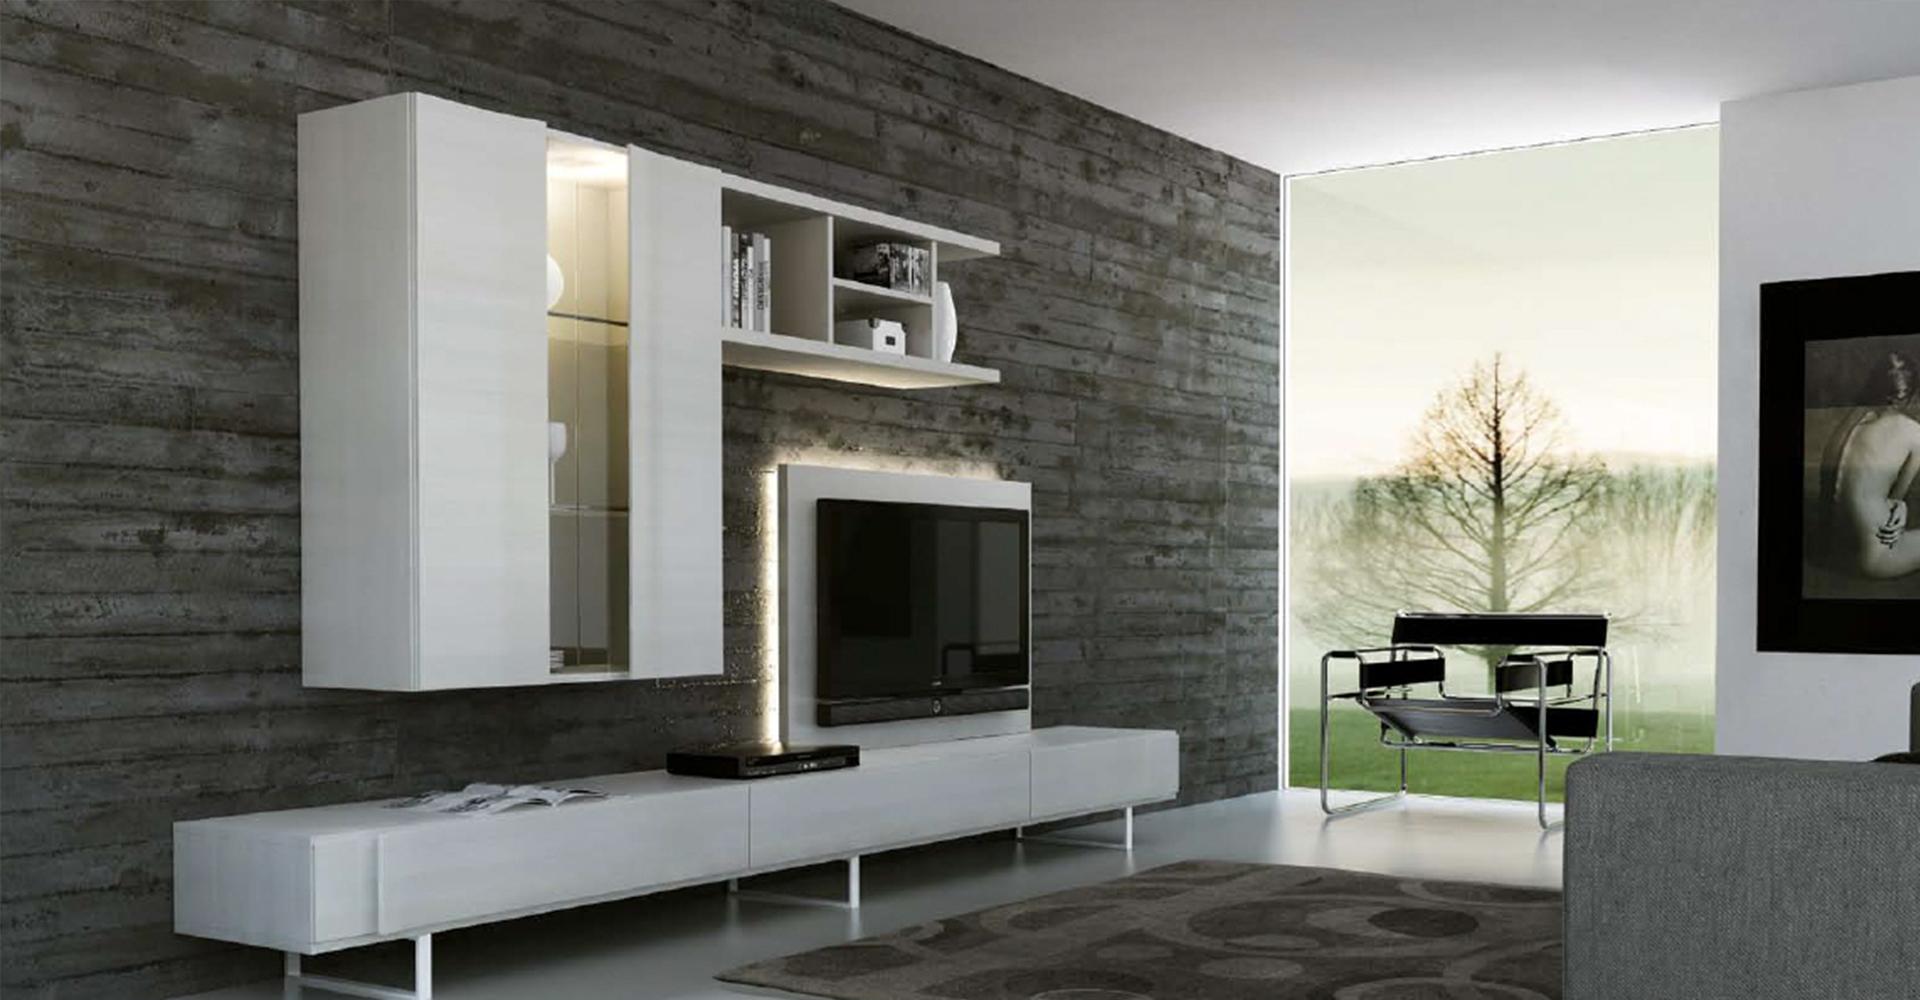 modulares de salon de estilo moderno (64)